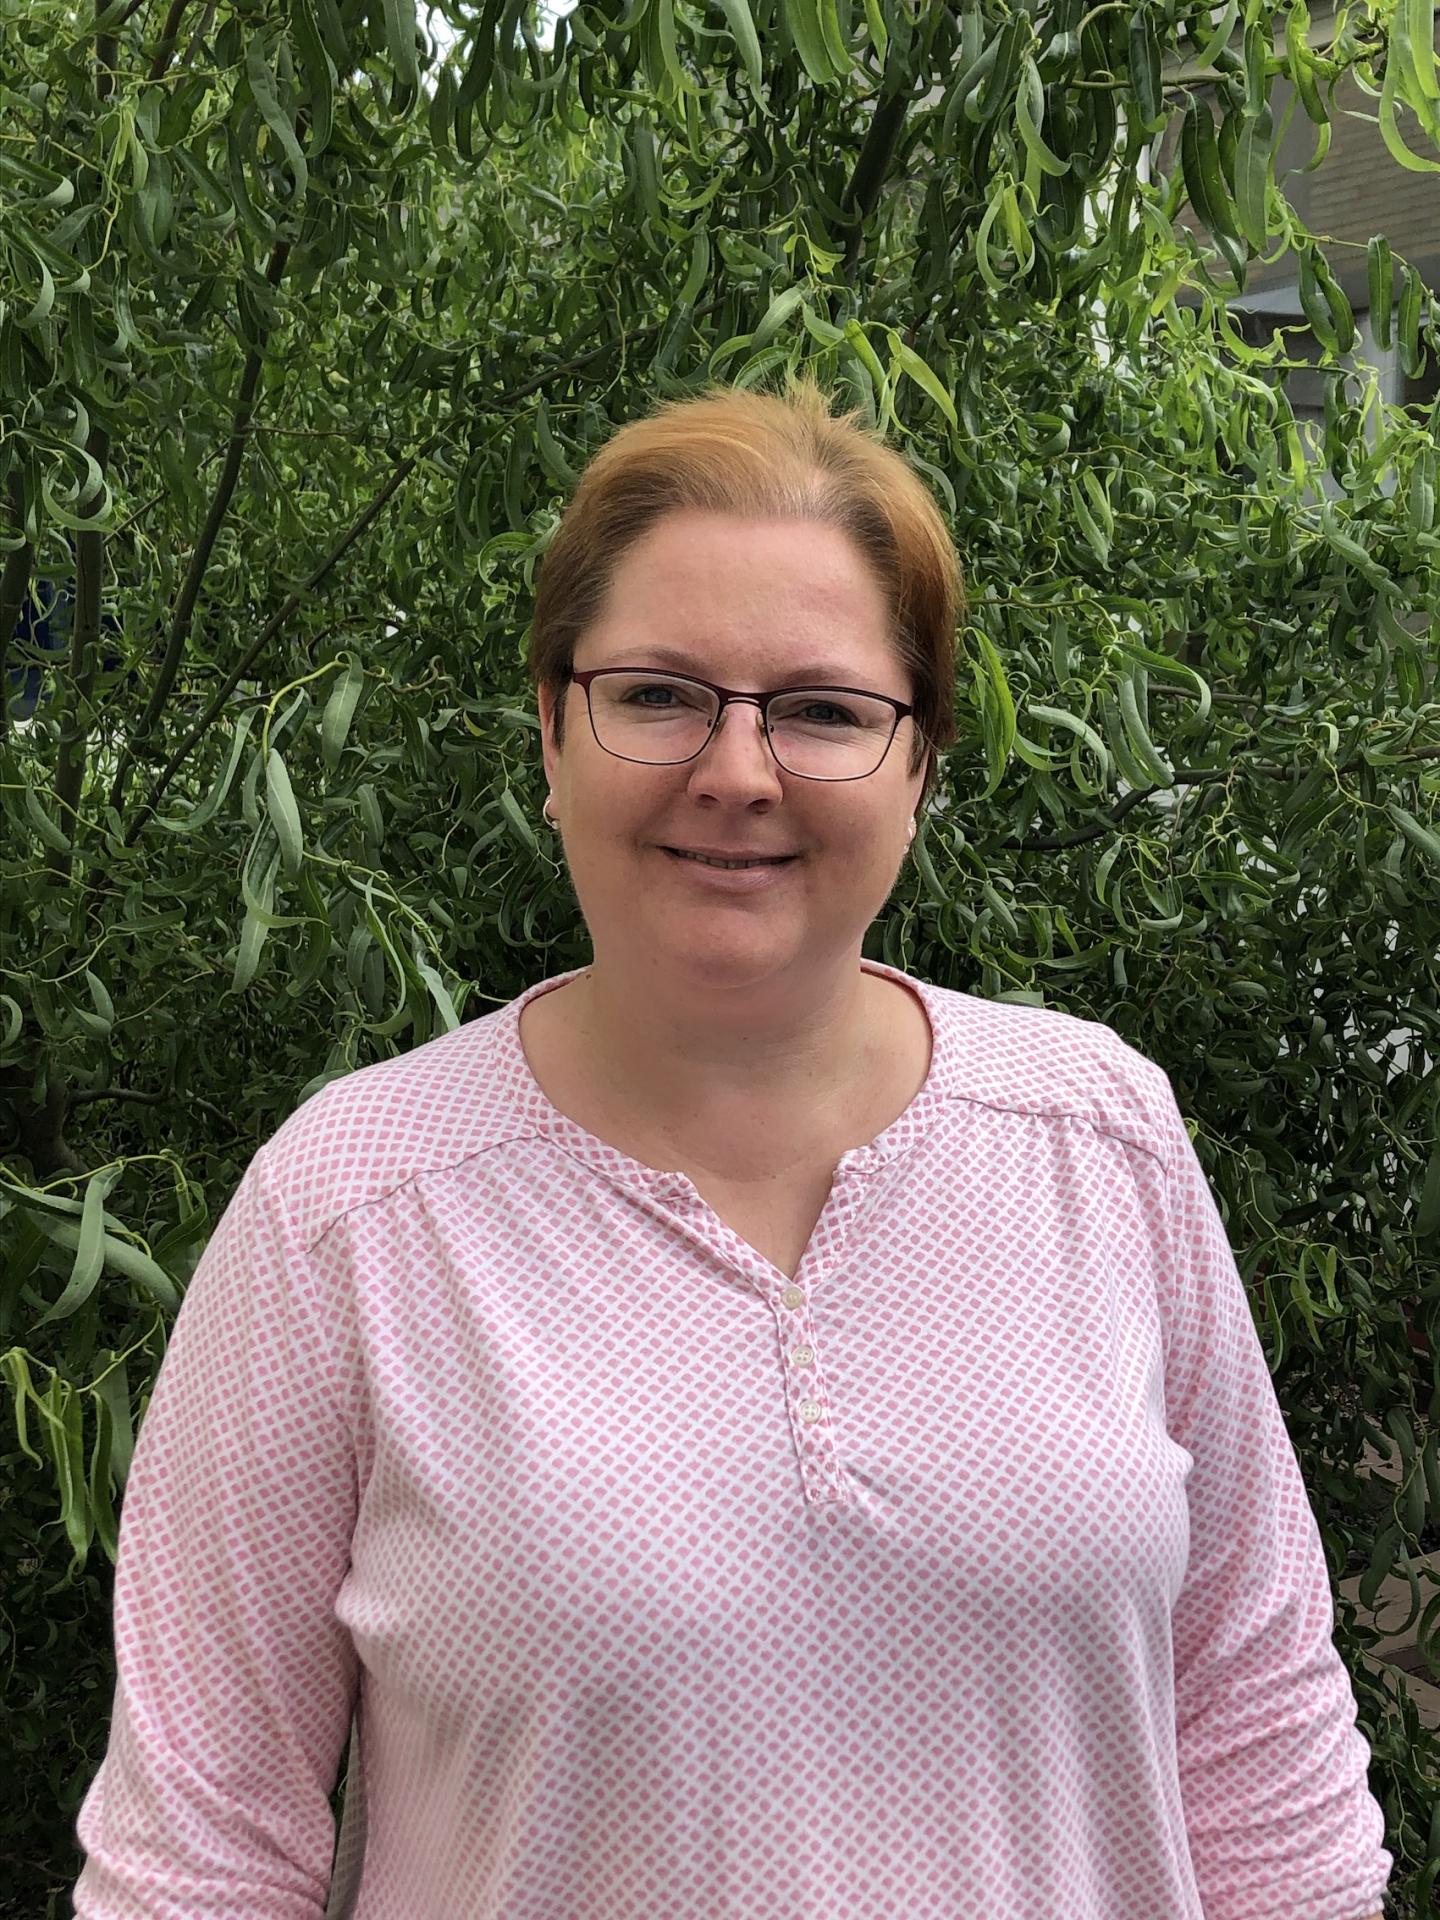 Sonja Golinski